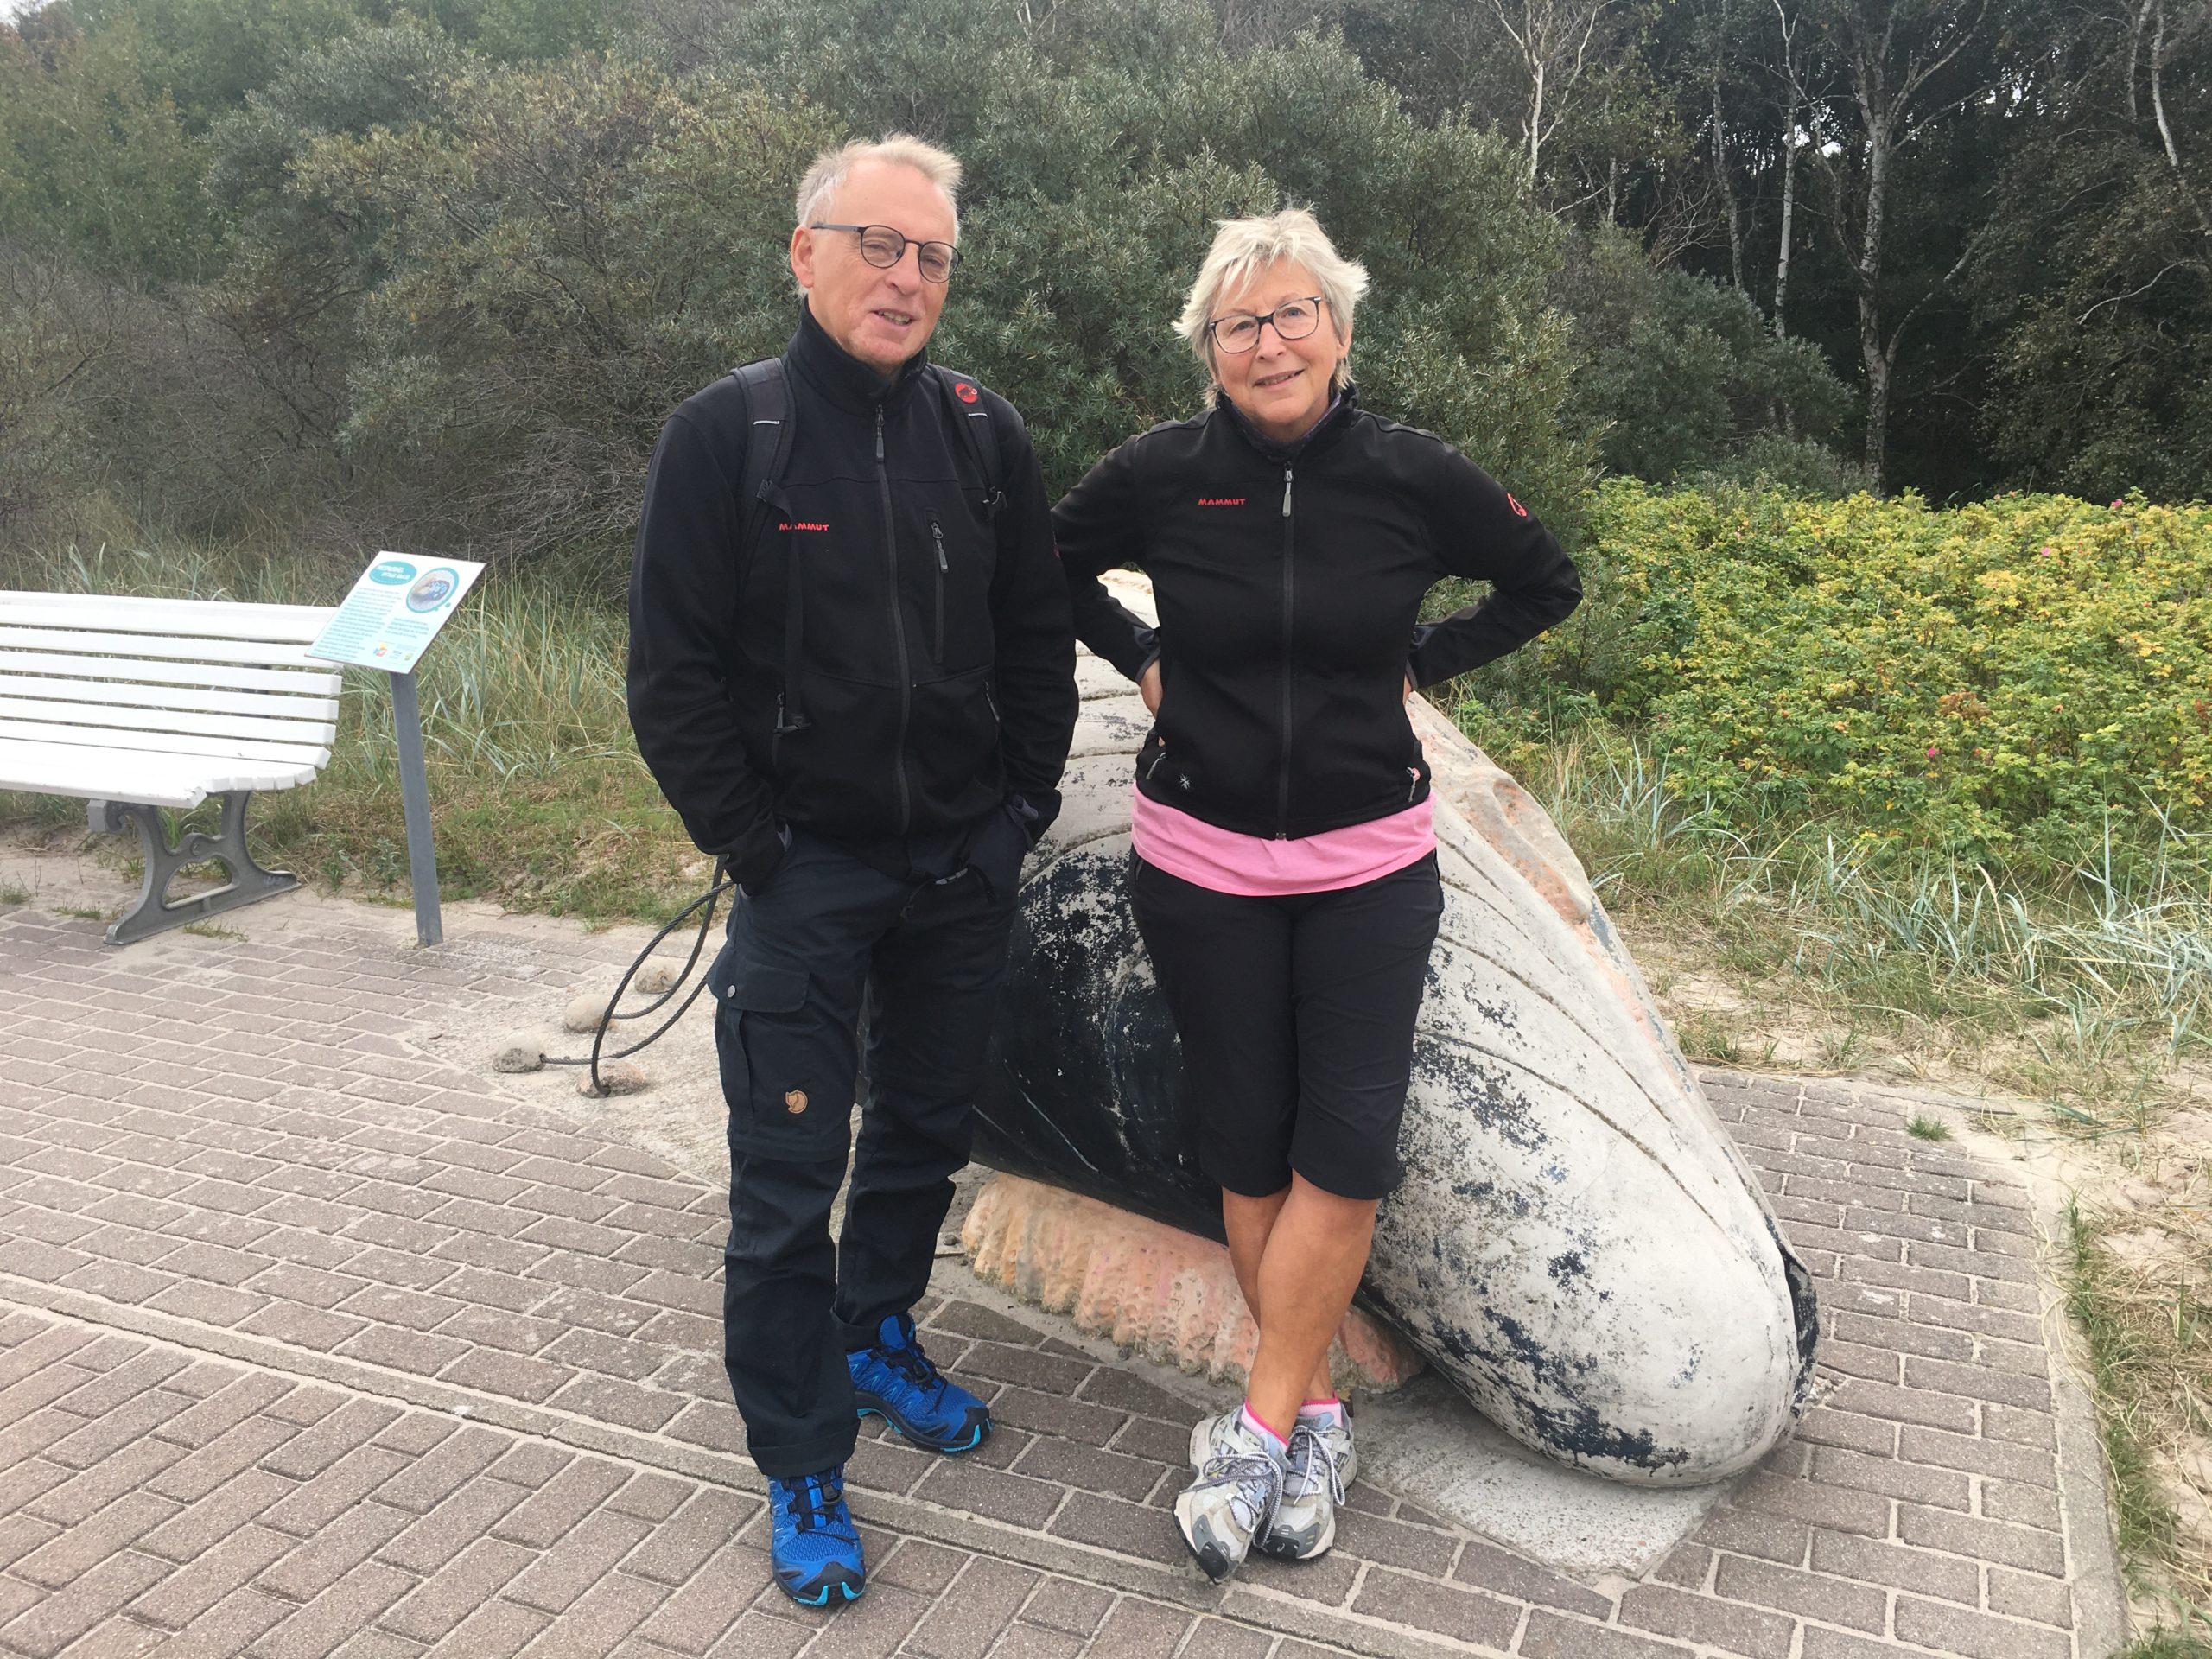 Paar vor großer Miesmuschel-Skulptur